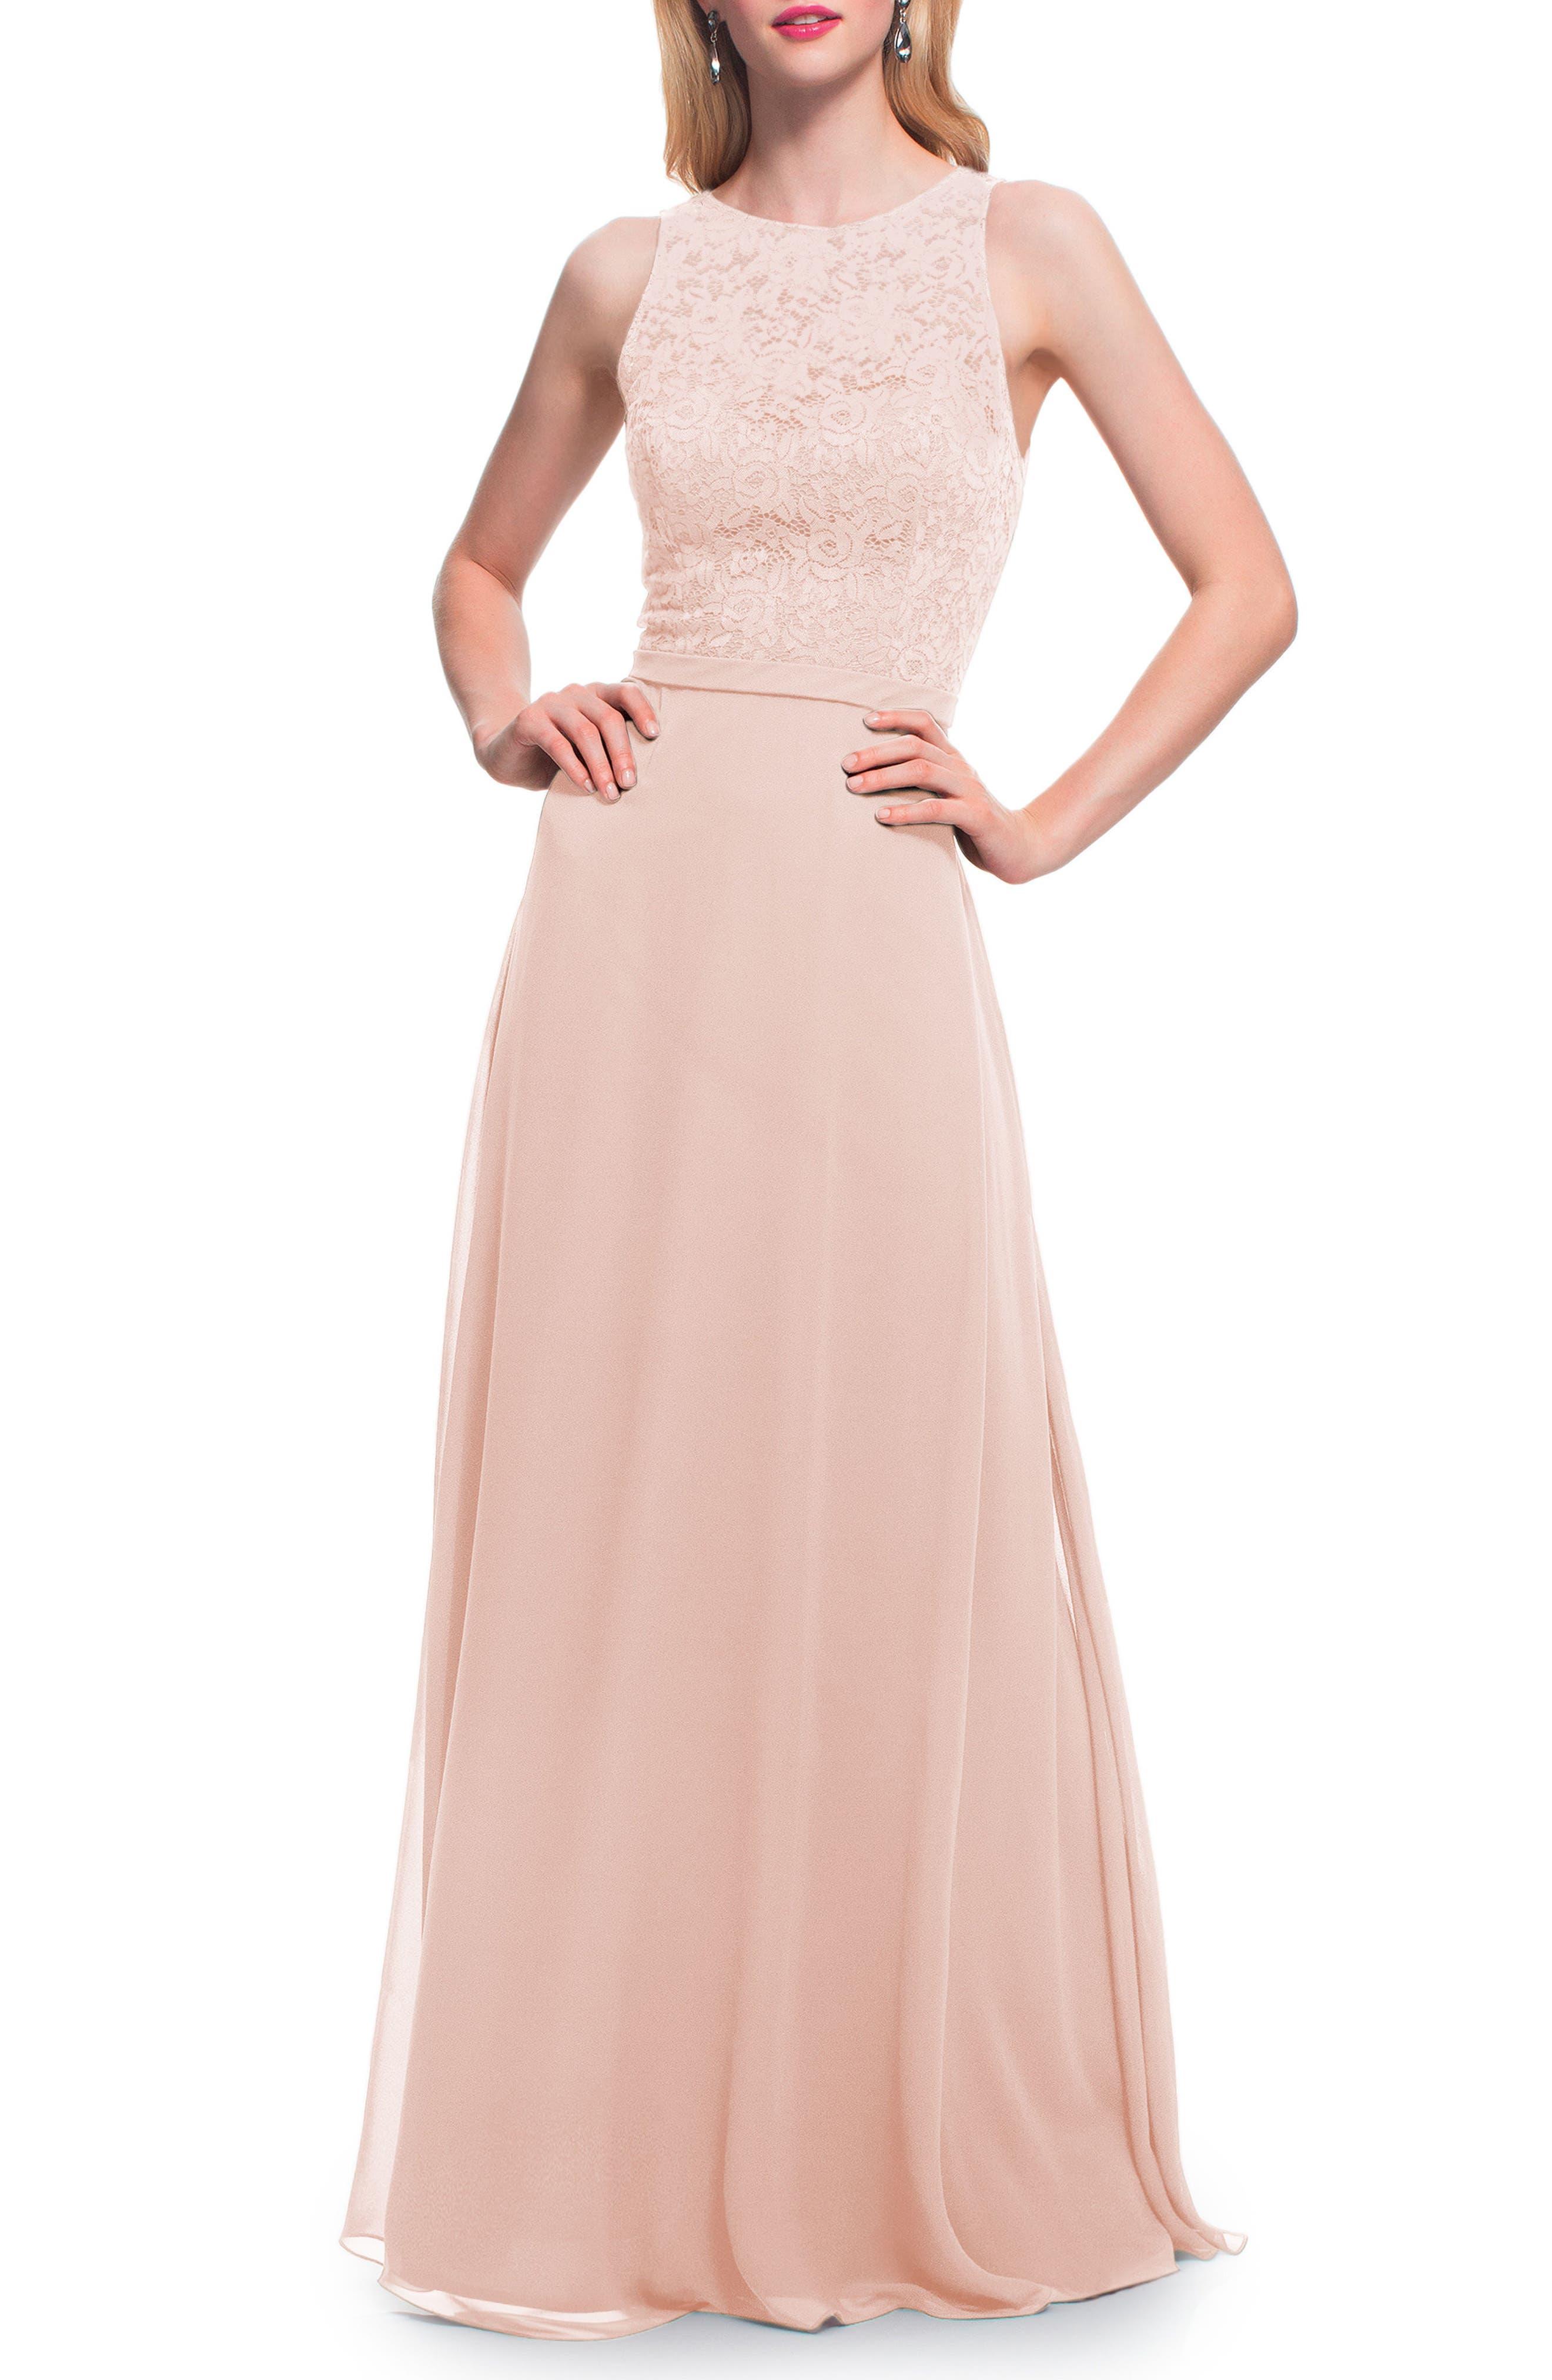 Petal Pink Lace Dresses